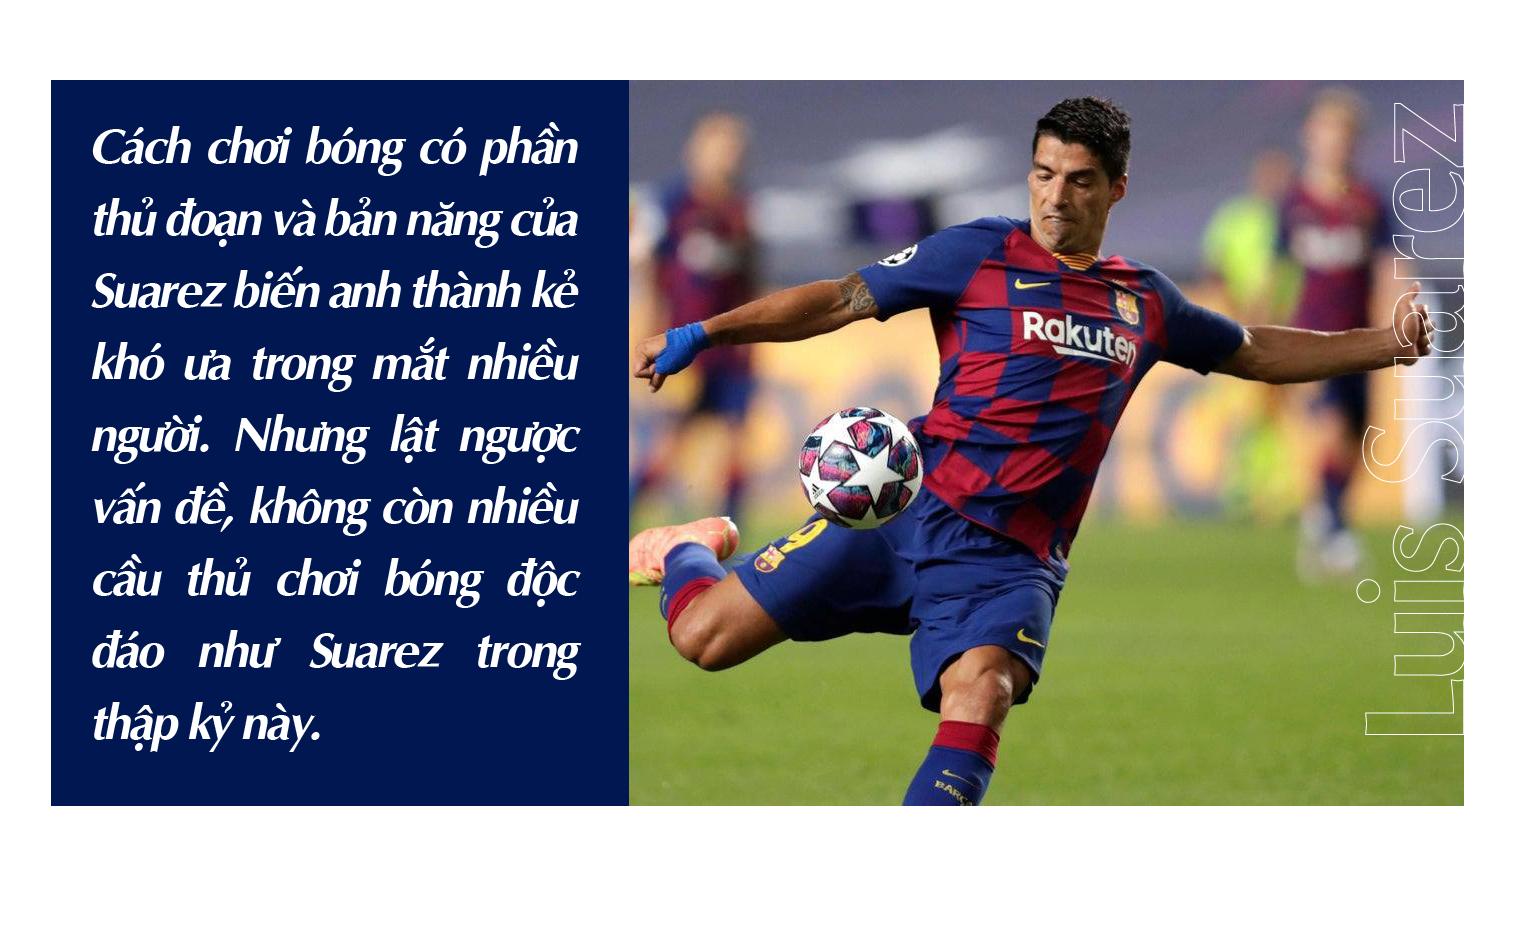 Luis Suarez: Quái vật si tình và hành trình từ thằng bé nhặt ve chai đến siêu sao bóng đá - Ảnh 13.